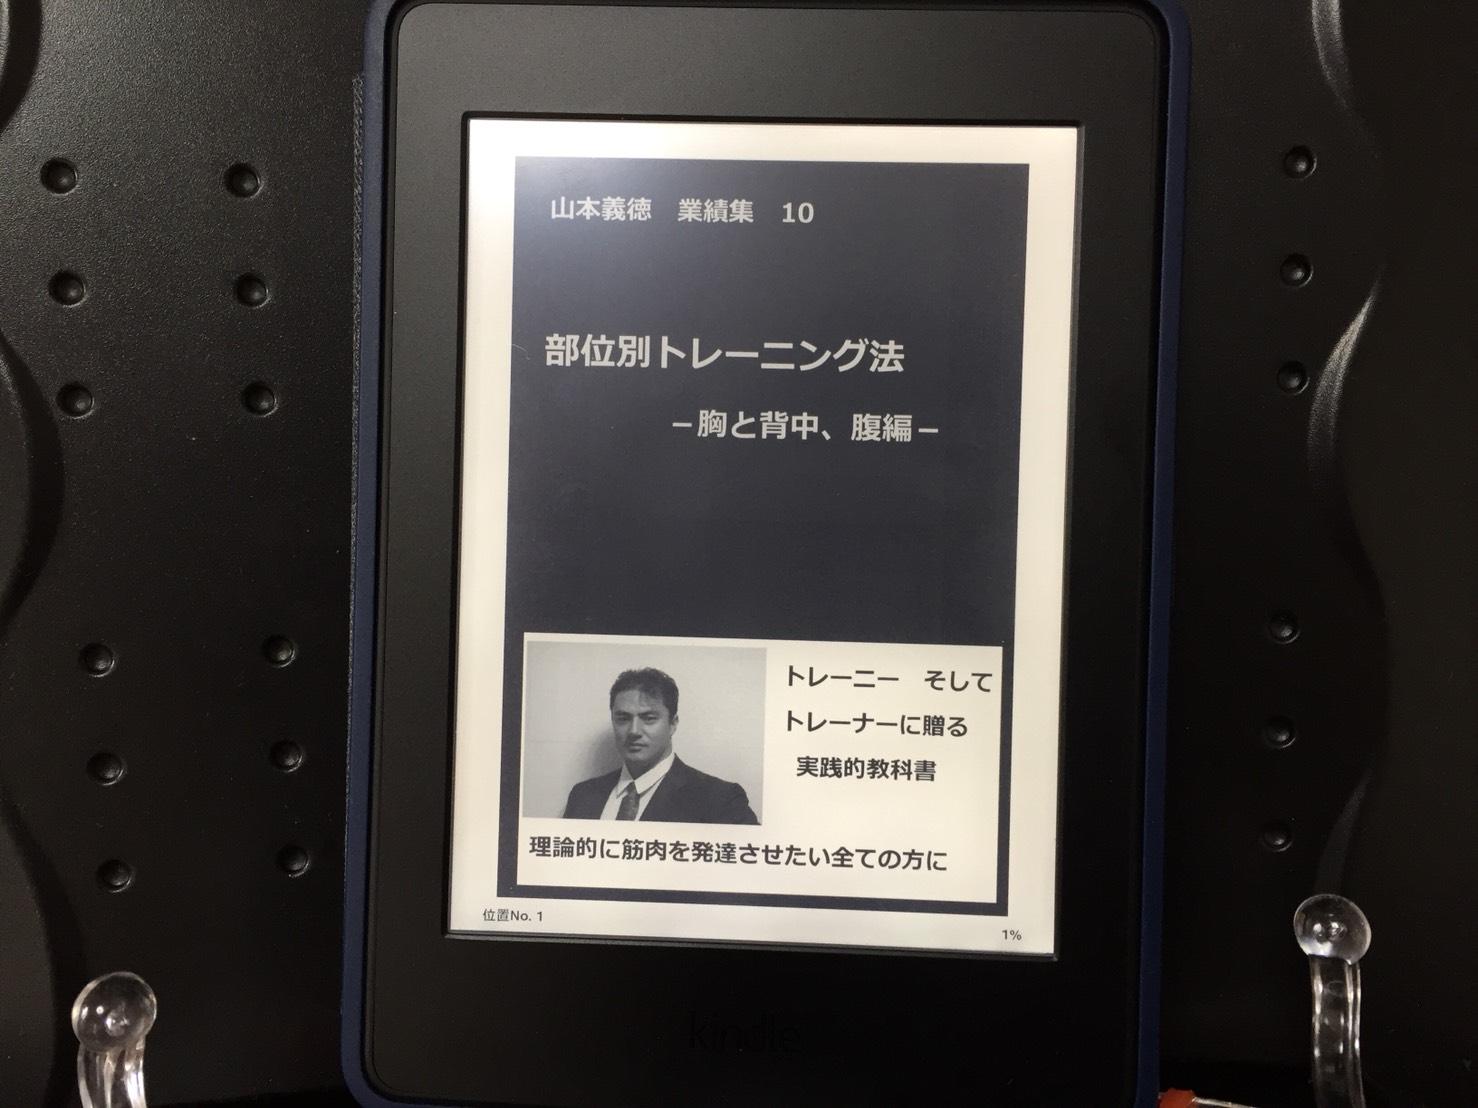 山本義徳さんの電子書籍「部位別トレーニング法」